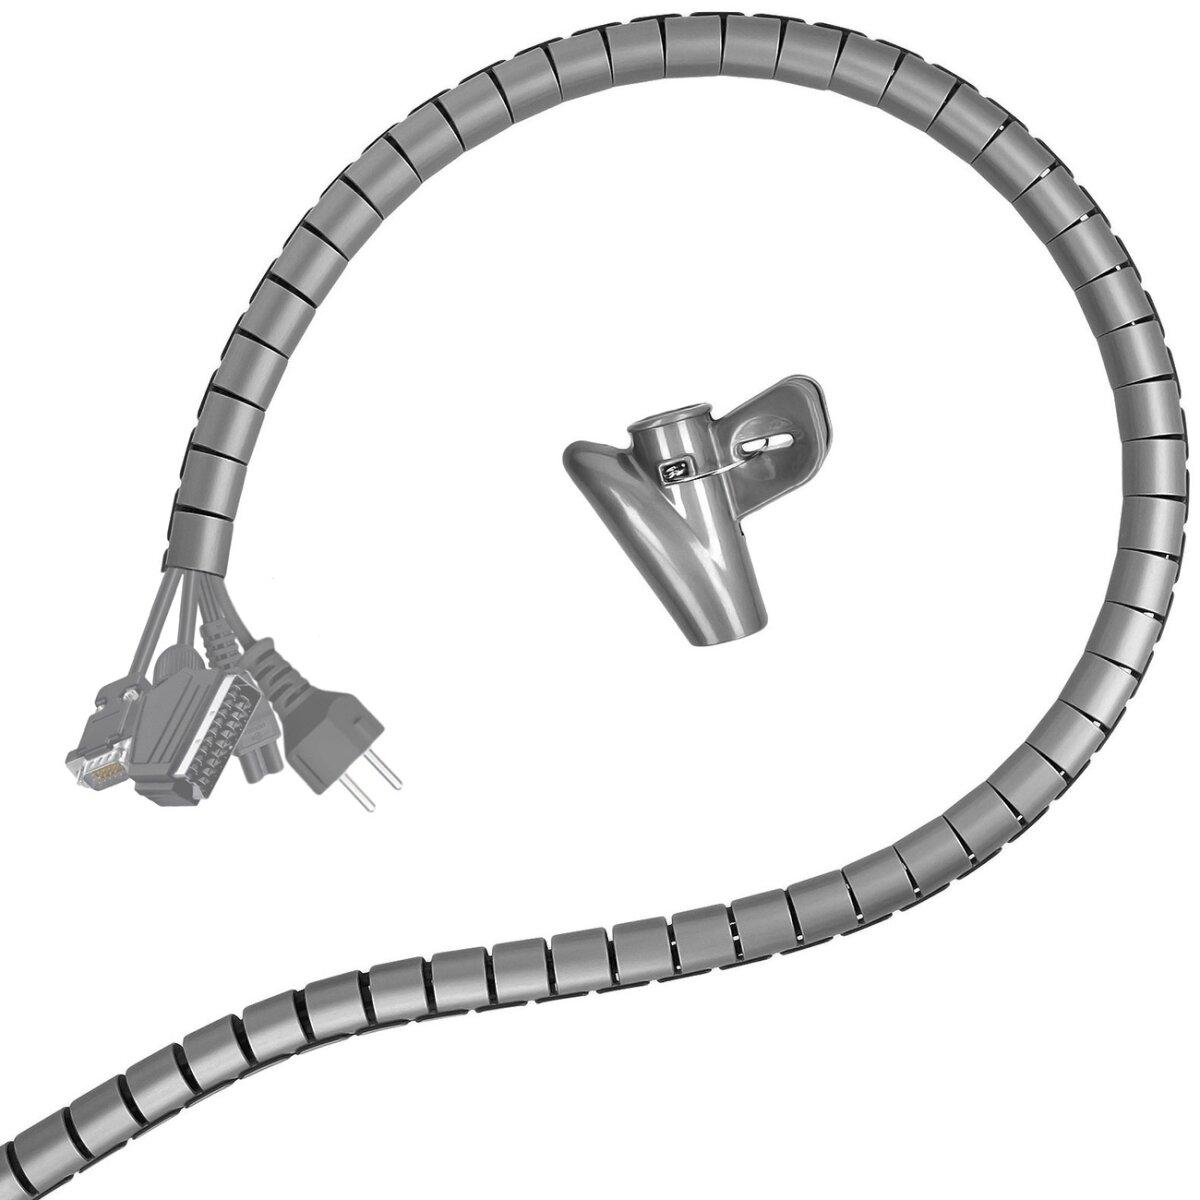 Minadax professioneller HighTech 2 Meter Kabelschlauch Kabelkanal in grau mit 28 mm Durchmesser für flexibles Kabelmanagment an Computer und Arbeitsplatz